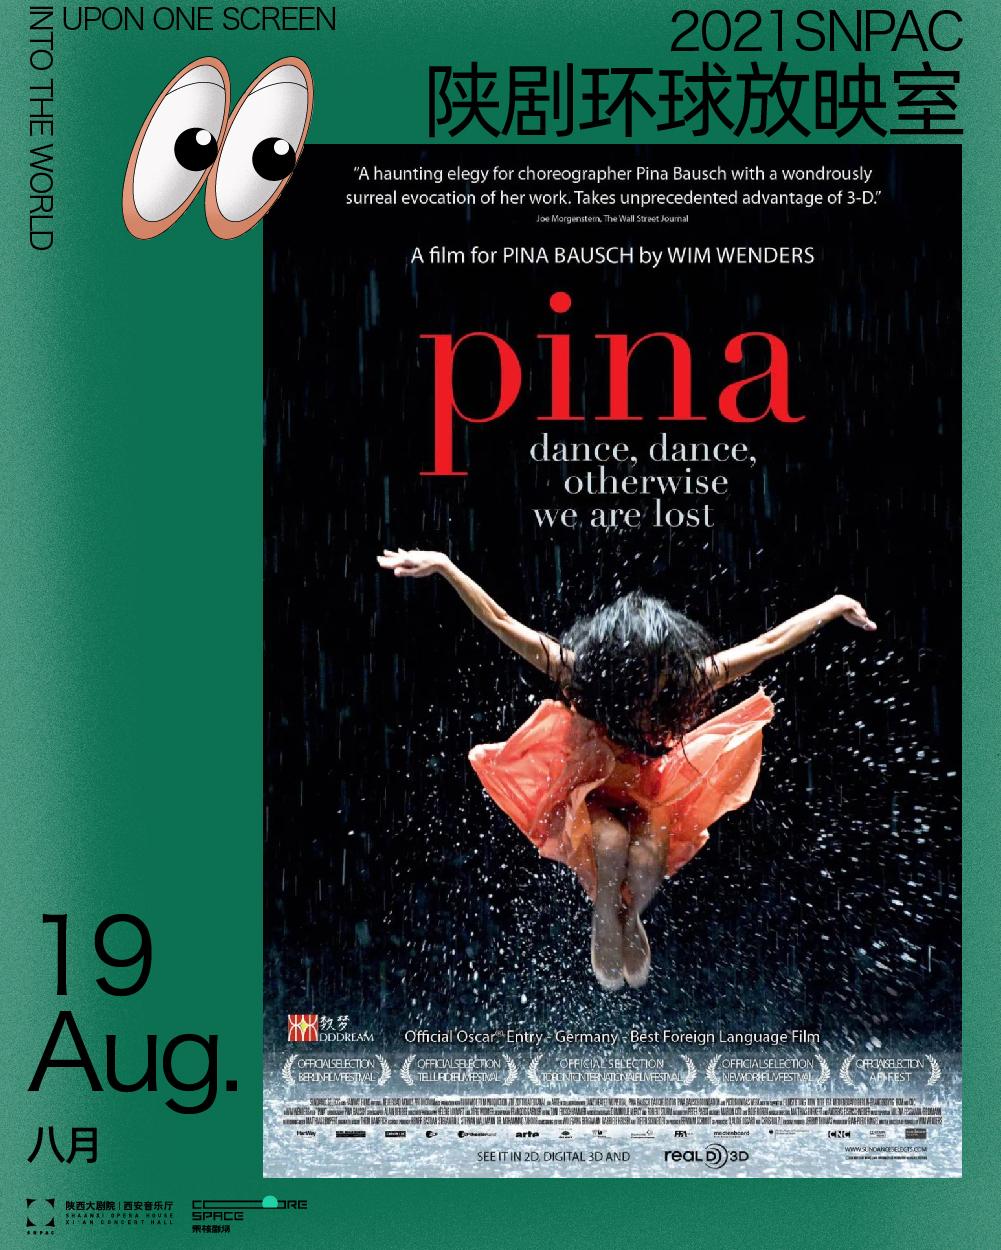 【SNPAC Global Screening】Pina